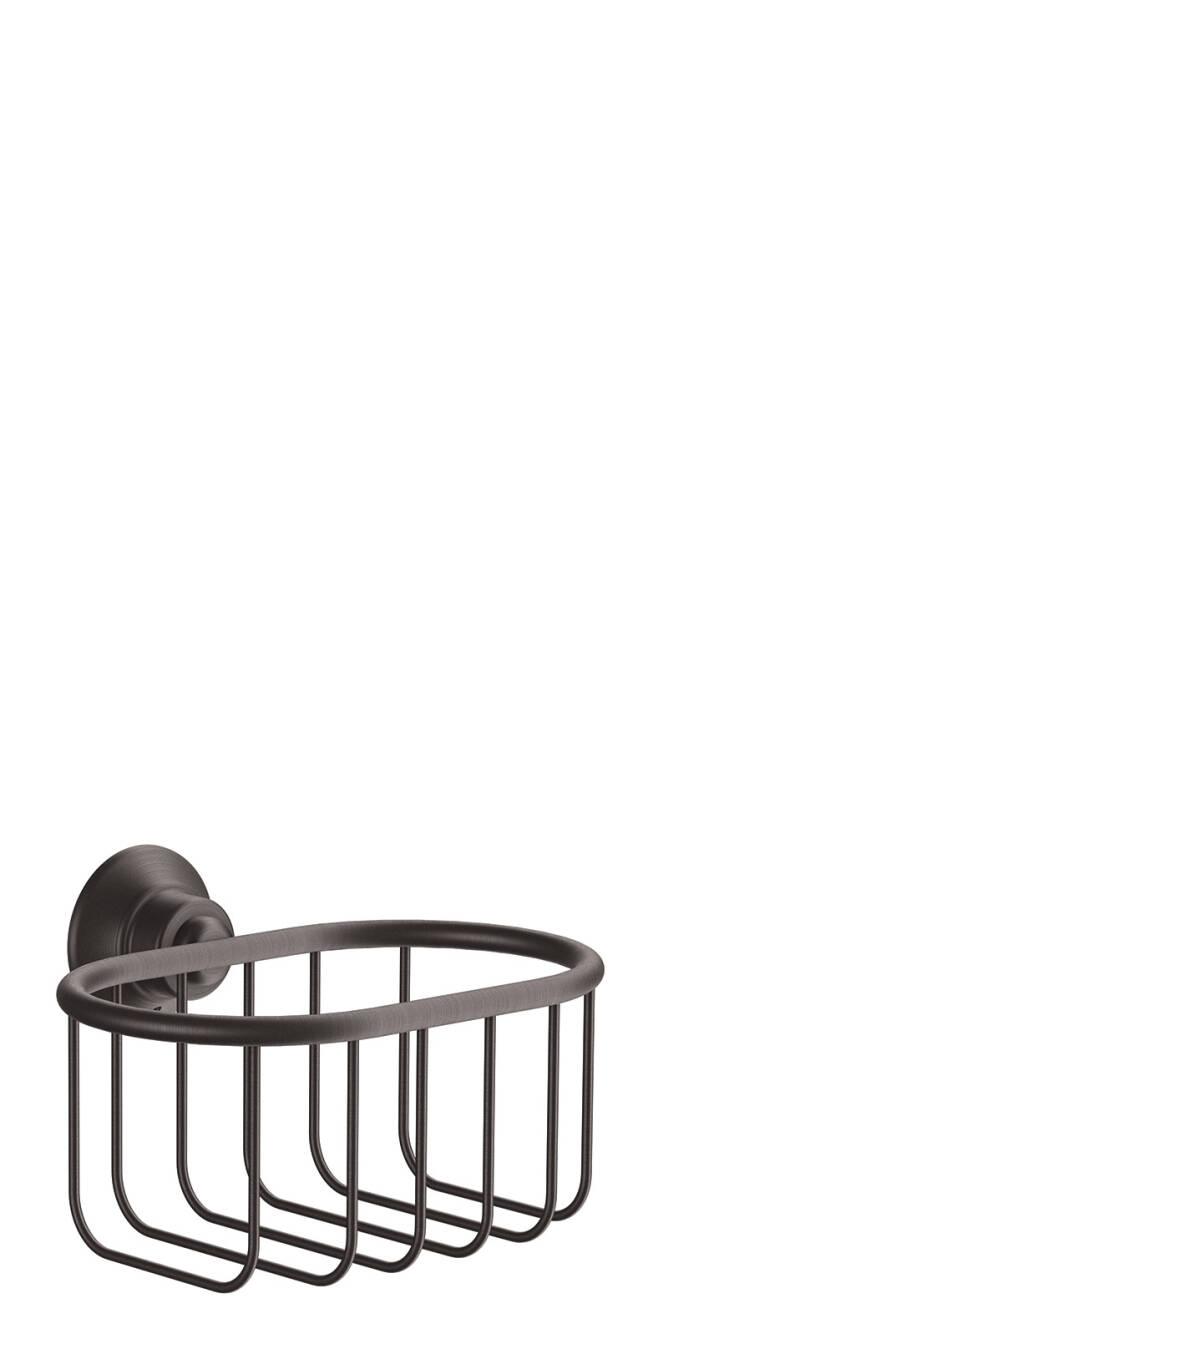 Corner basket 160/101, Brushed Black Chrome, 42065340